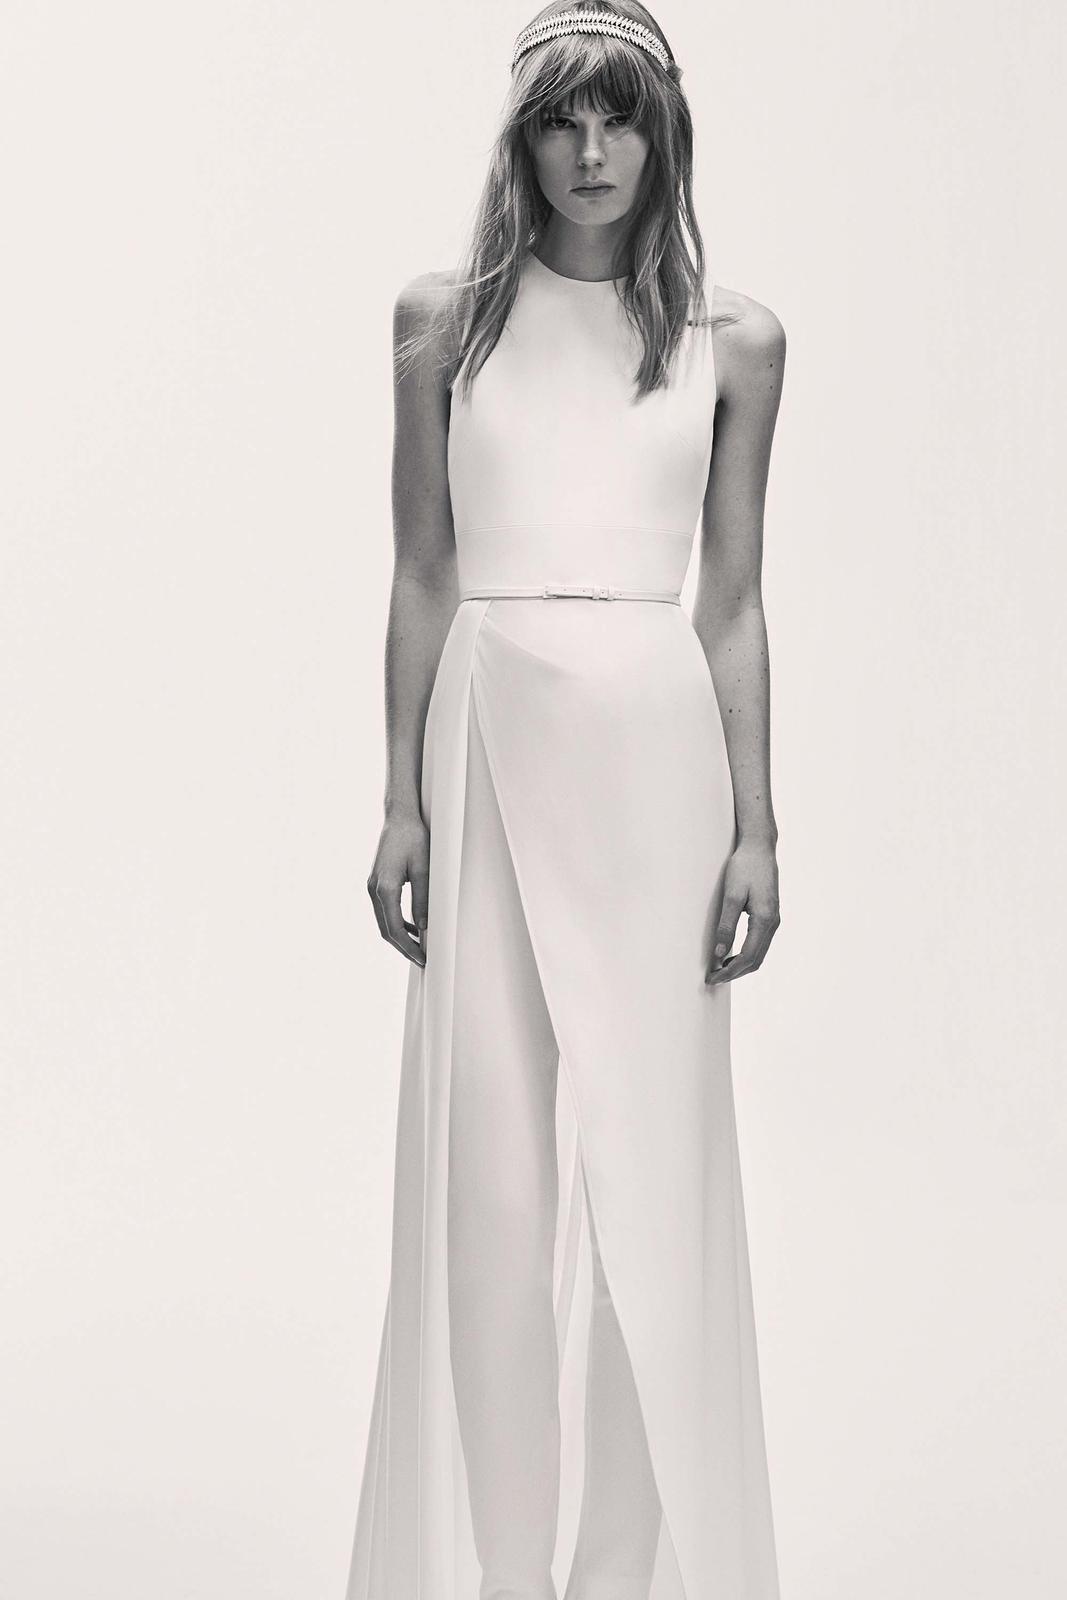 Tak jednoducho, ako sa len dá (minimalizmus v svadobných šatách) - Obrázok č. 8